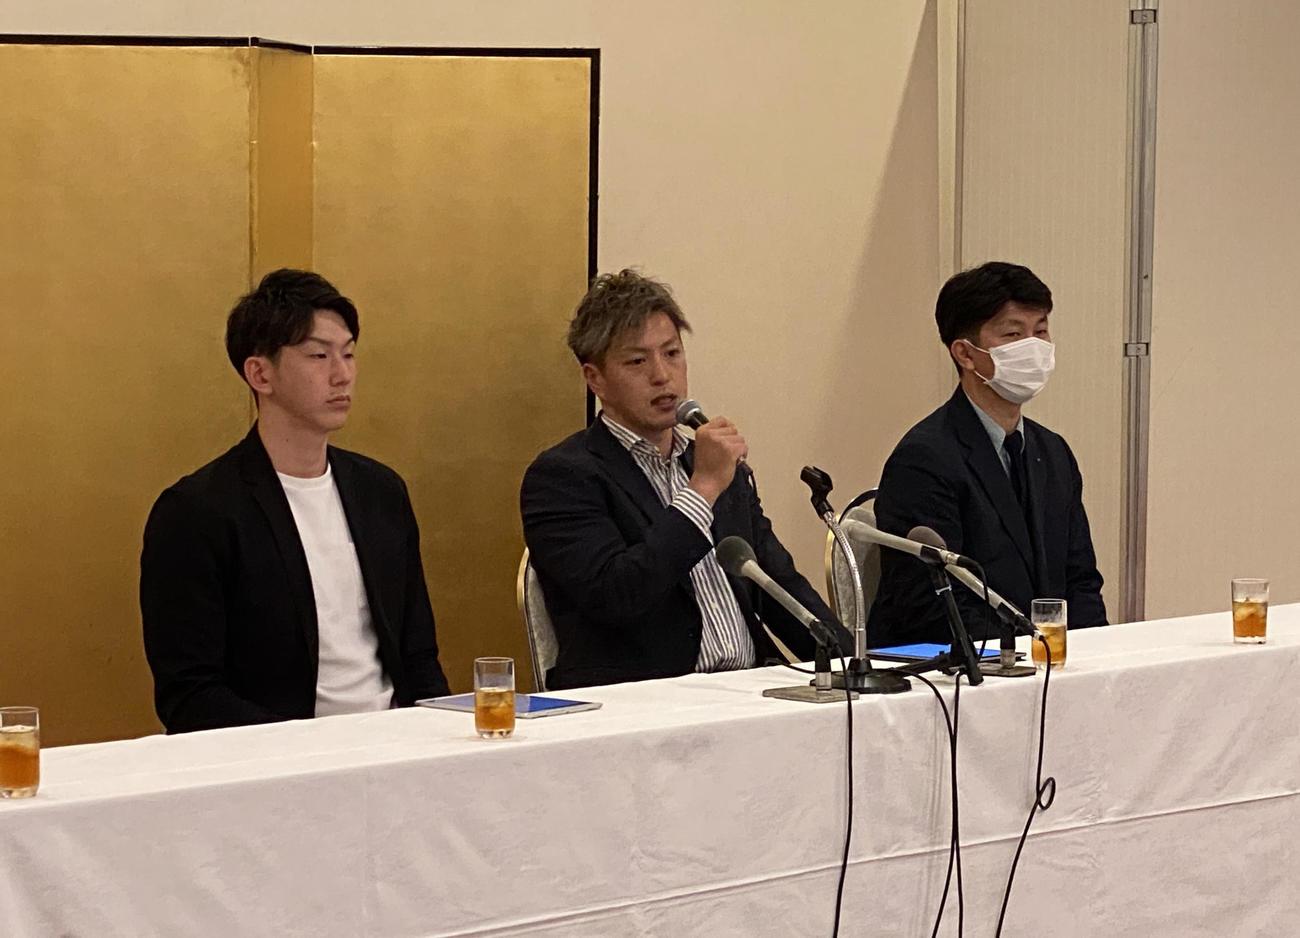 一般社団法人「A-bank旭川」の設立会見に臨んだヴォレアス北海道主将で同法人代表理事の古田(中央)。左は理事の辰巳、右はA-bank北海道の曽田代表理事